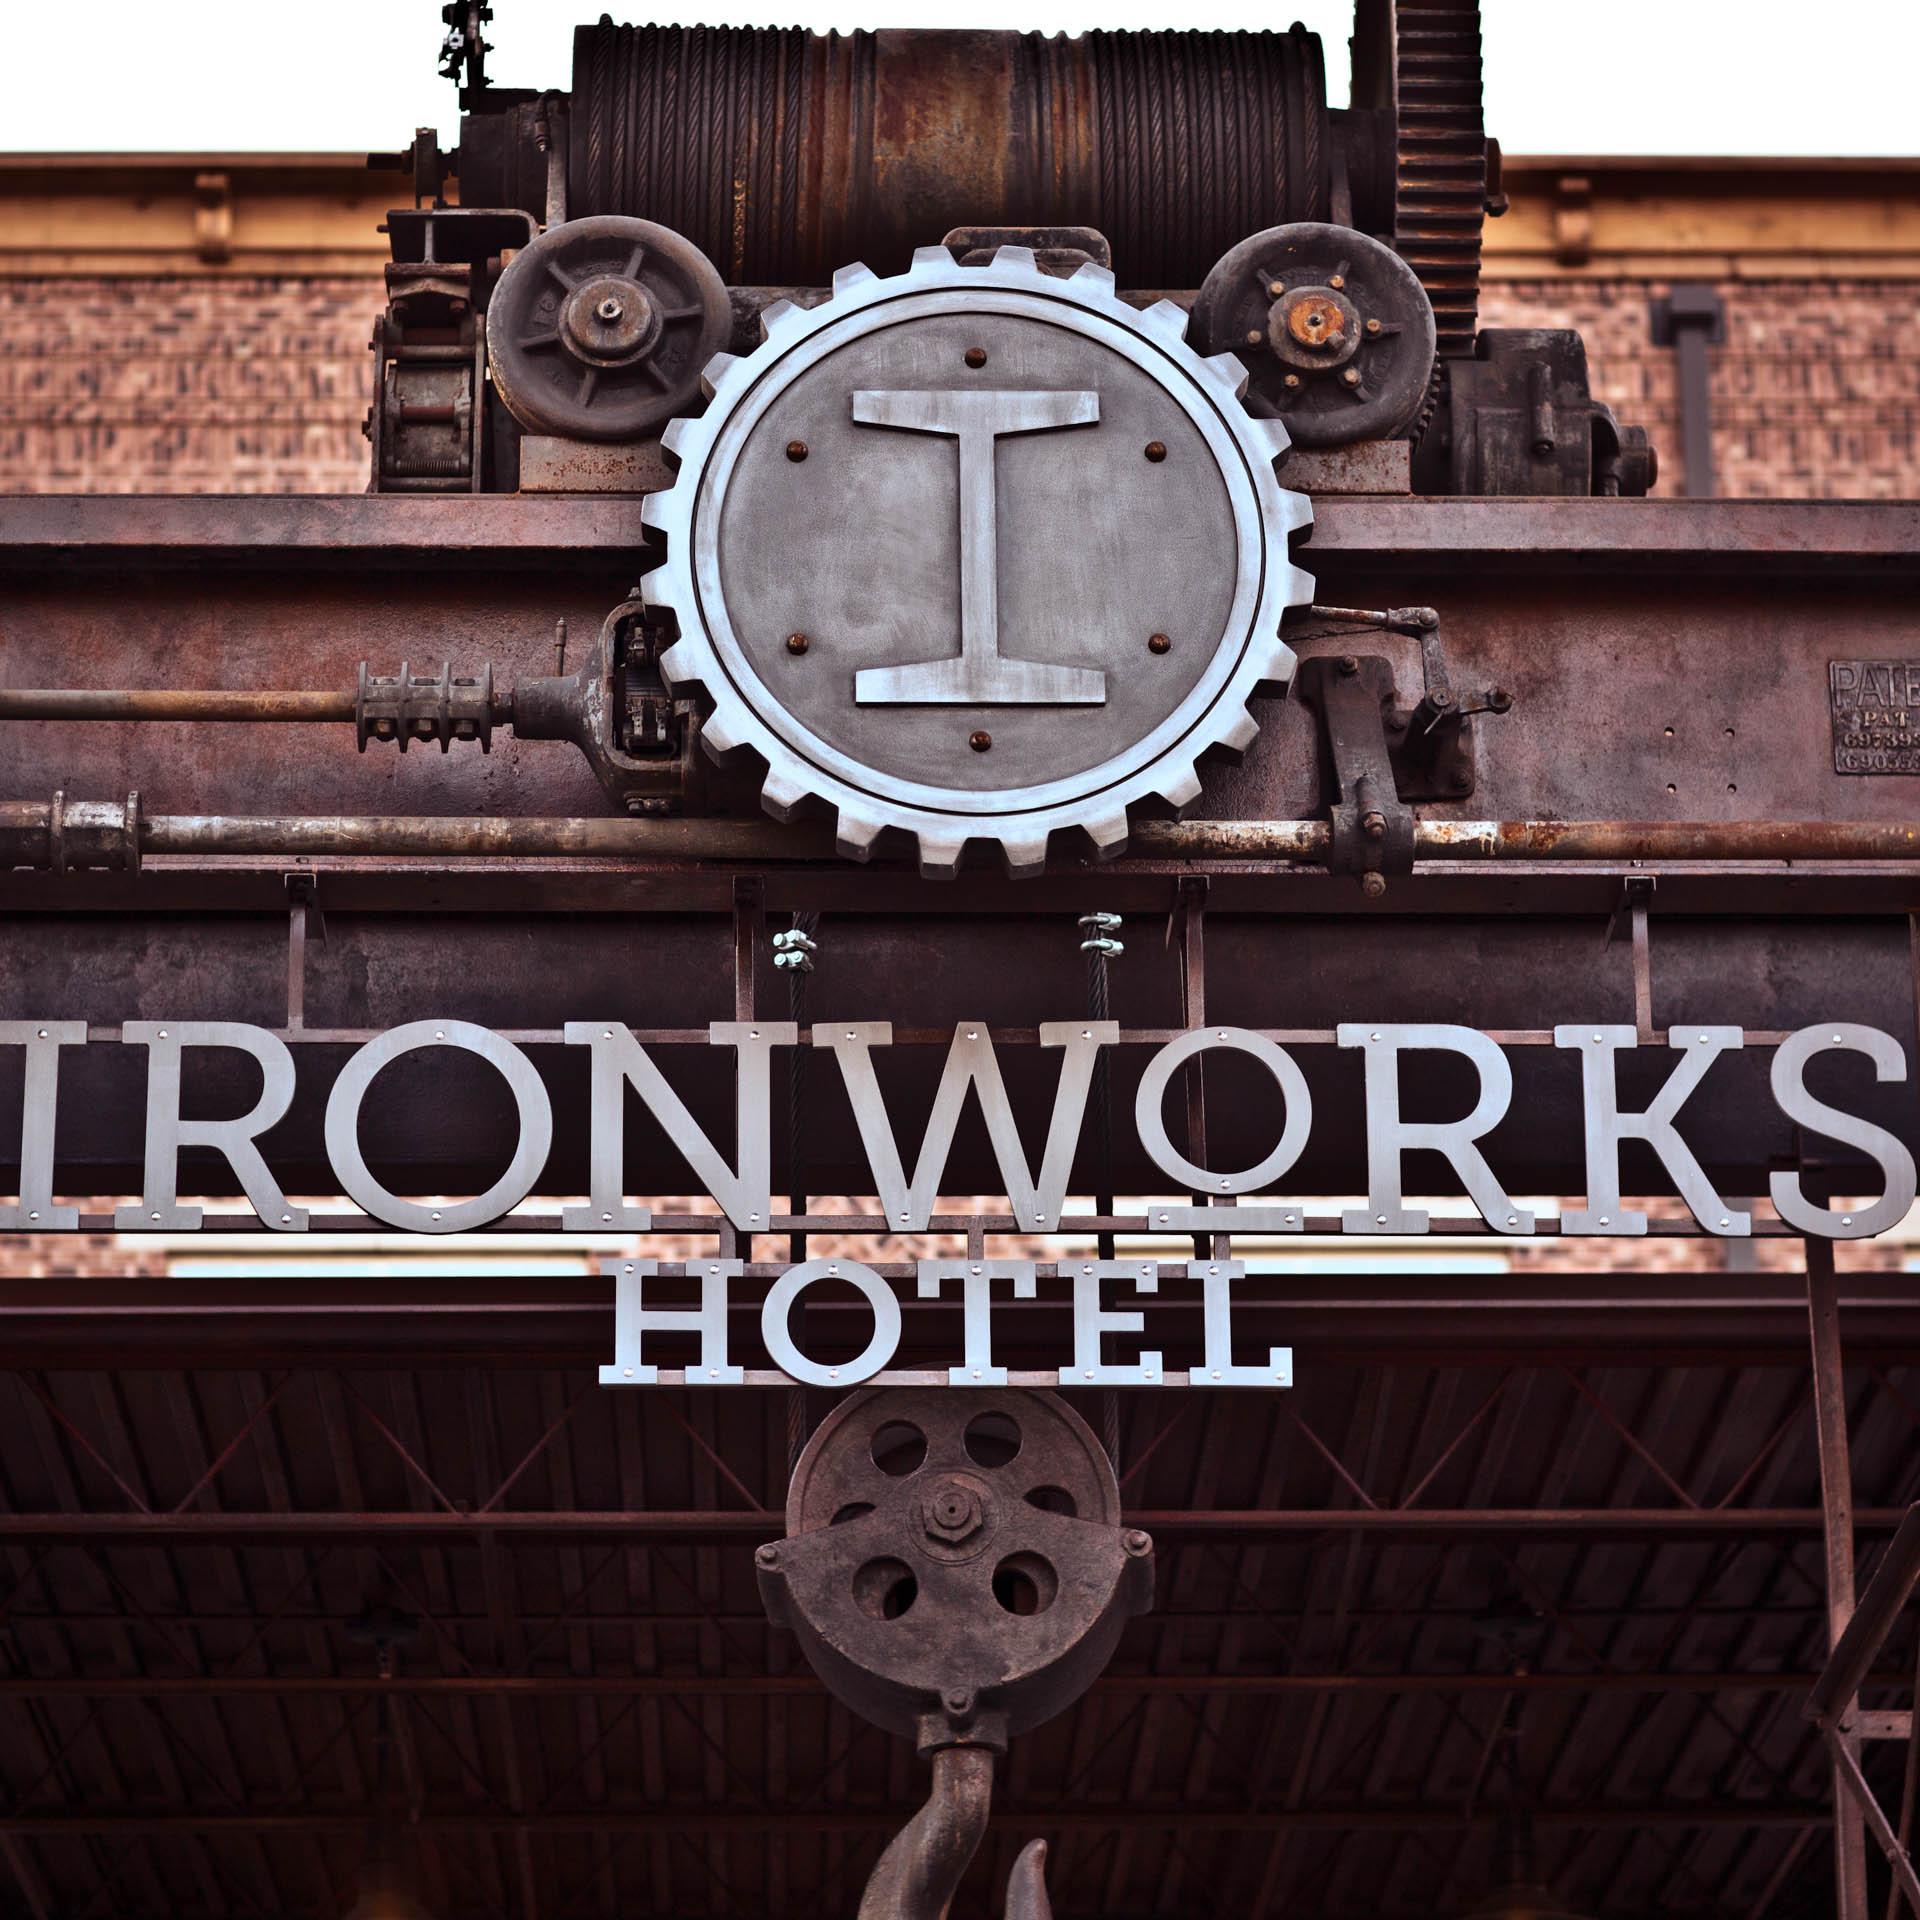 Ironworks Hotel Merrill Houstons Steakjoint Peer Canvas | 025.jpg